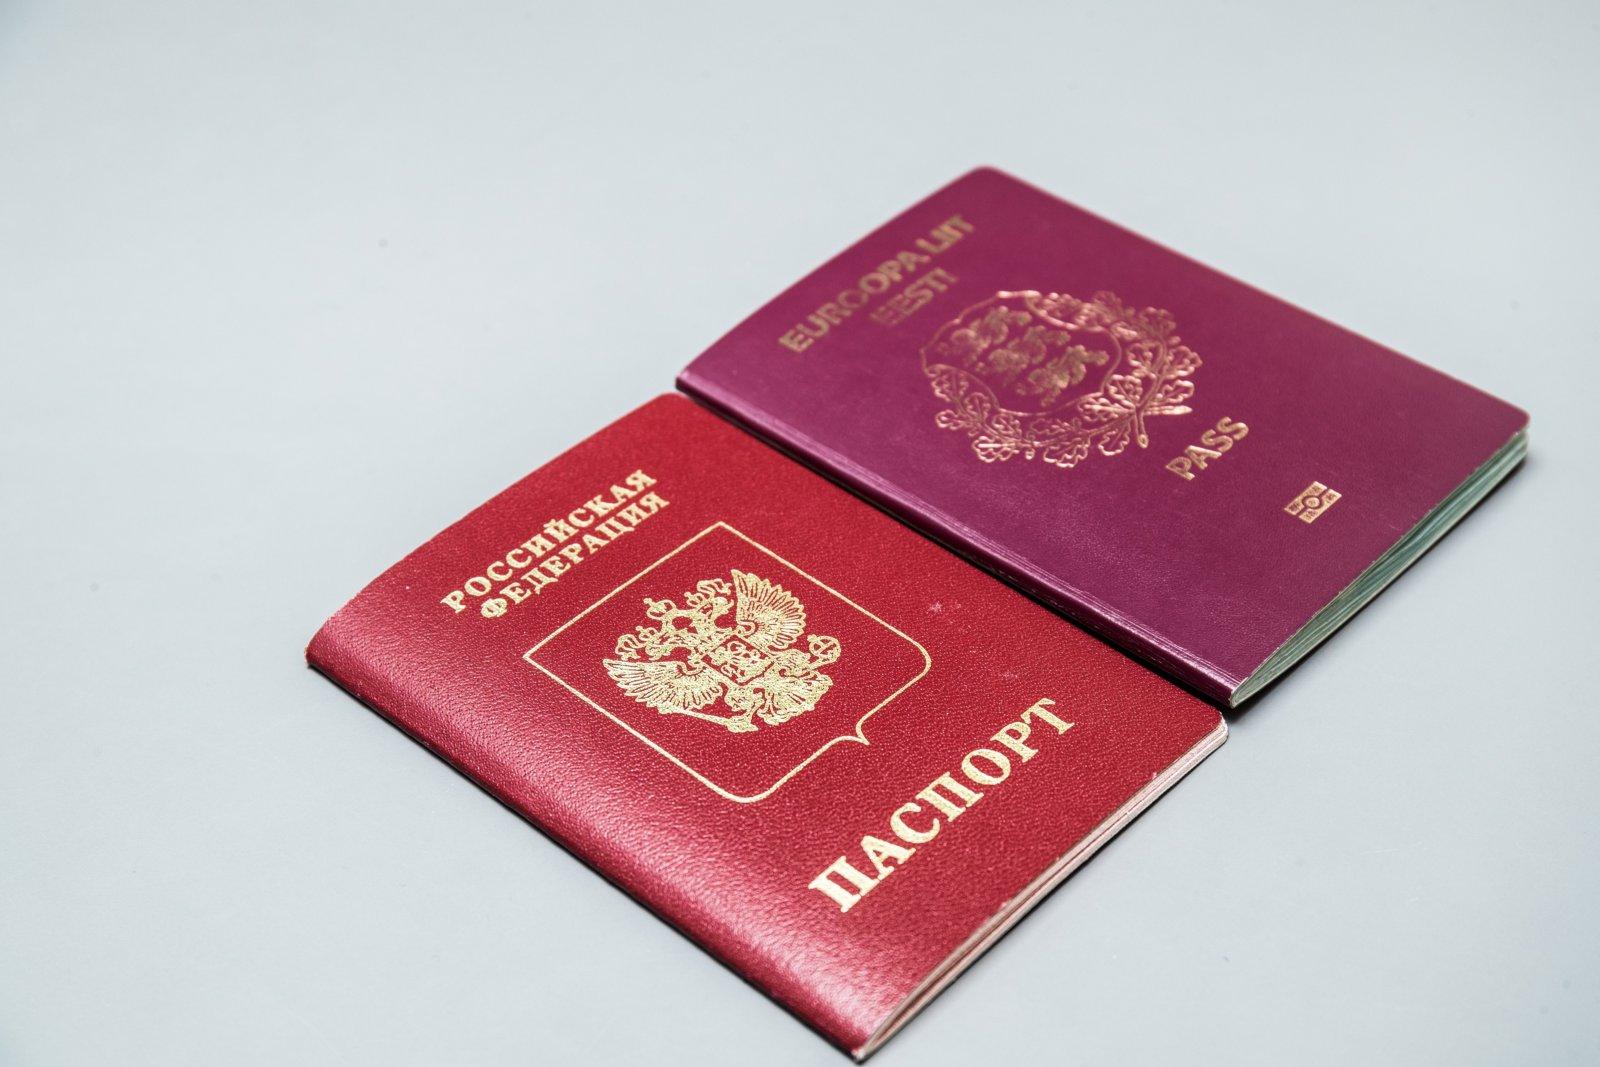 Liikme suuruse kodakondsus Foto meeste suuruse kohta